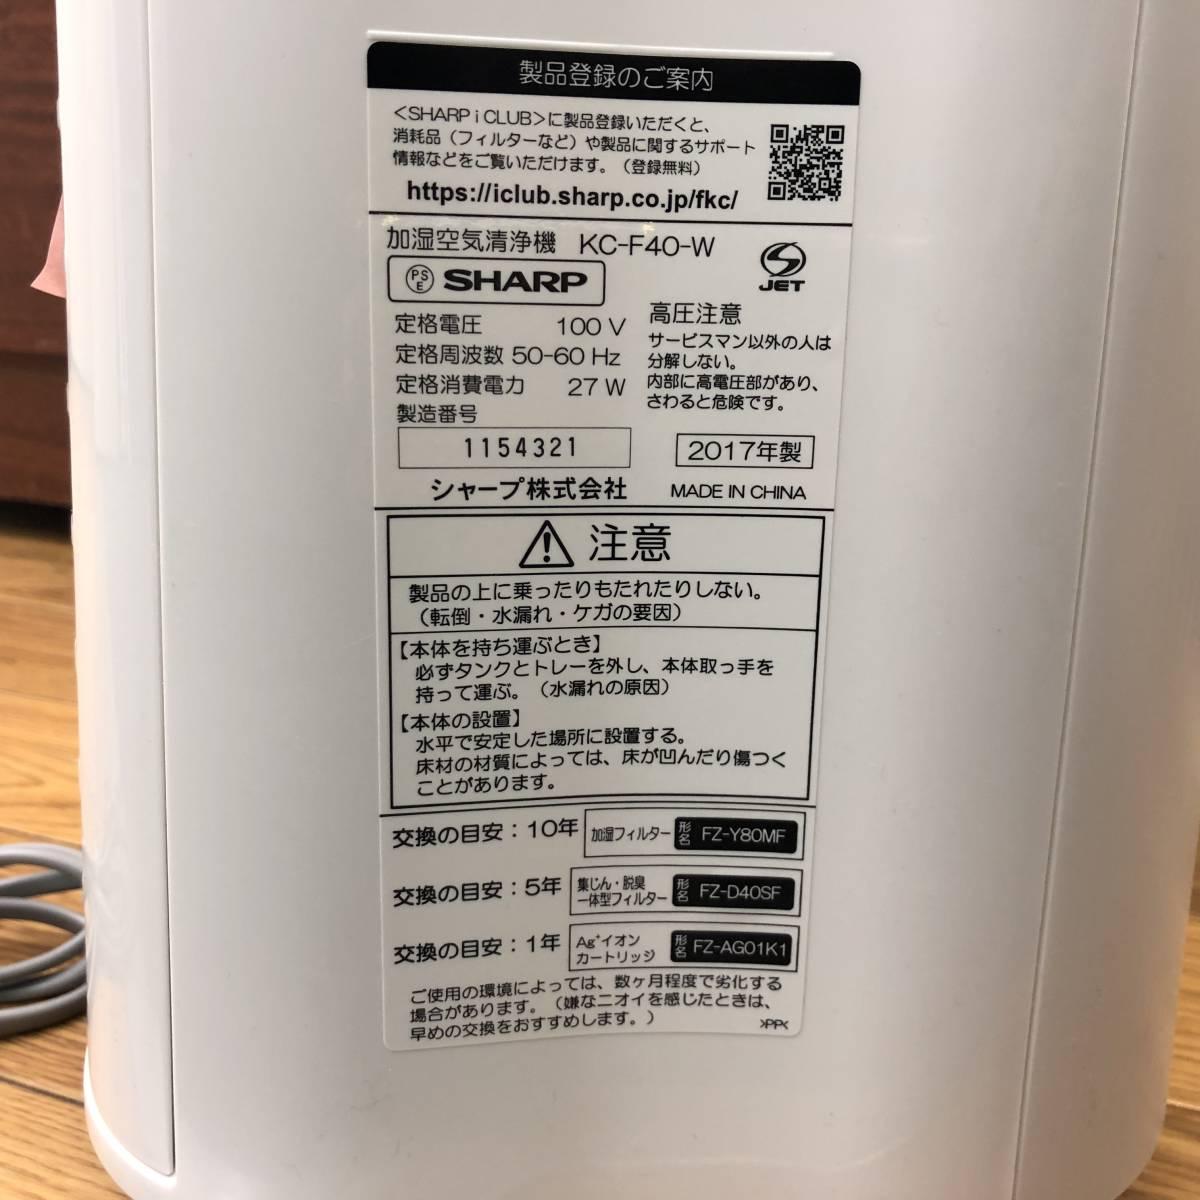 【未使用品】シャープ PM2.5対応加湿空気清浄機(空清18畳/加湿11畳)SHARP 高濃度「プラズマクラスター7000」搭載 KC-F40-W_画像5